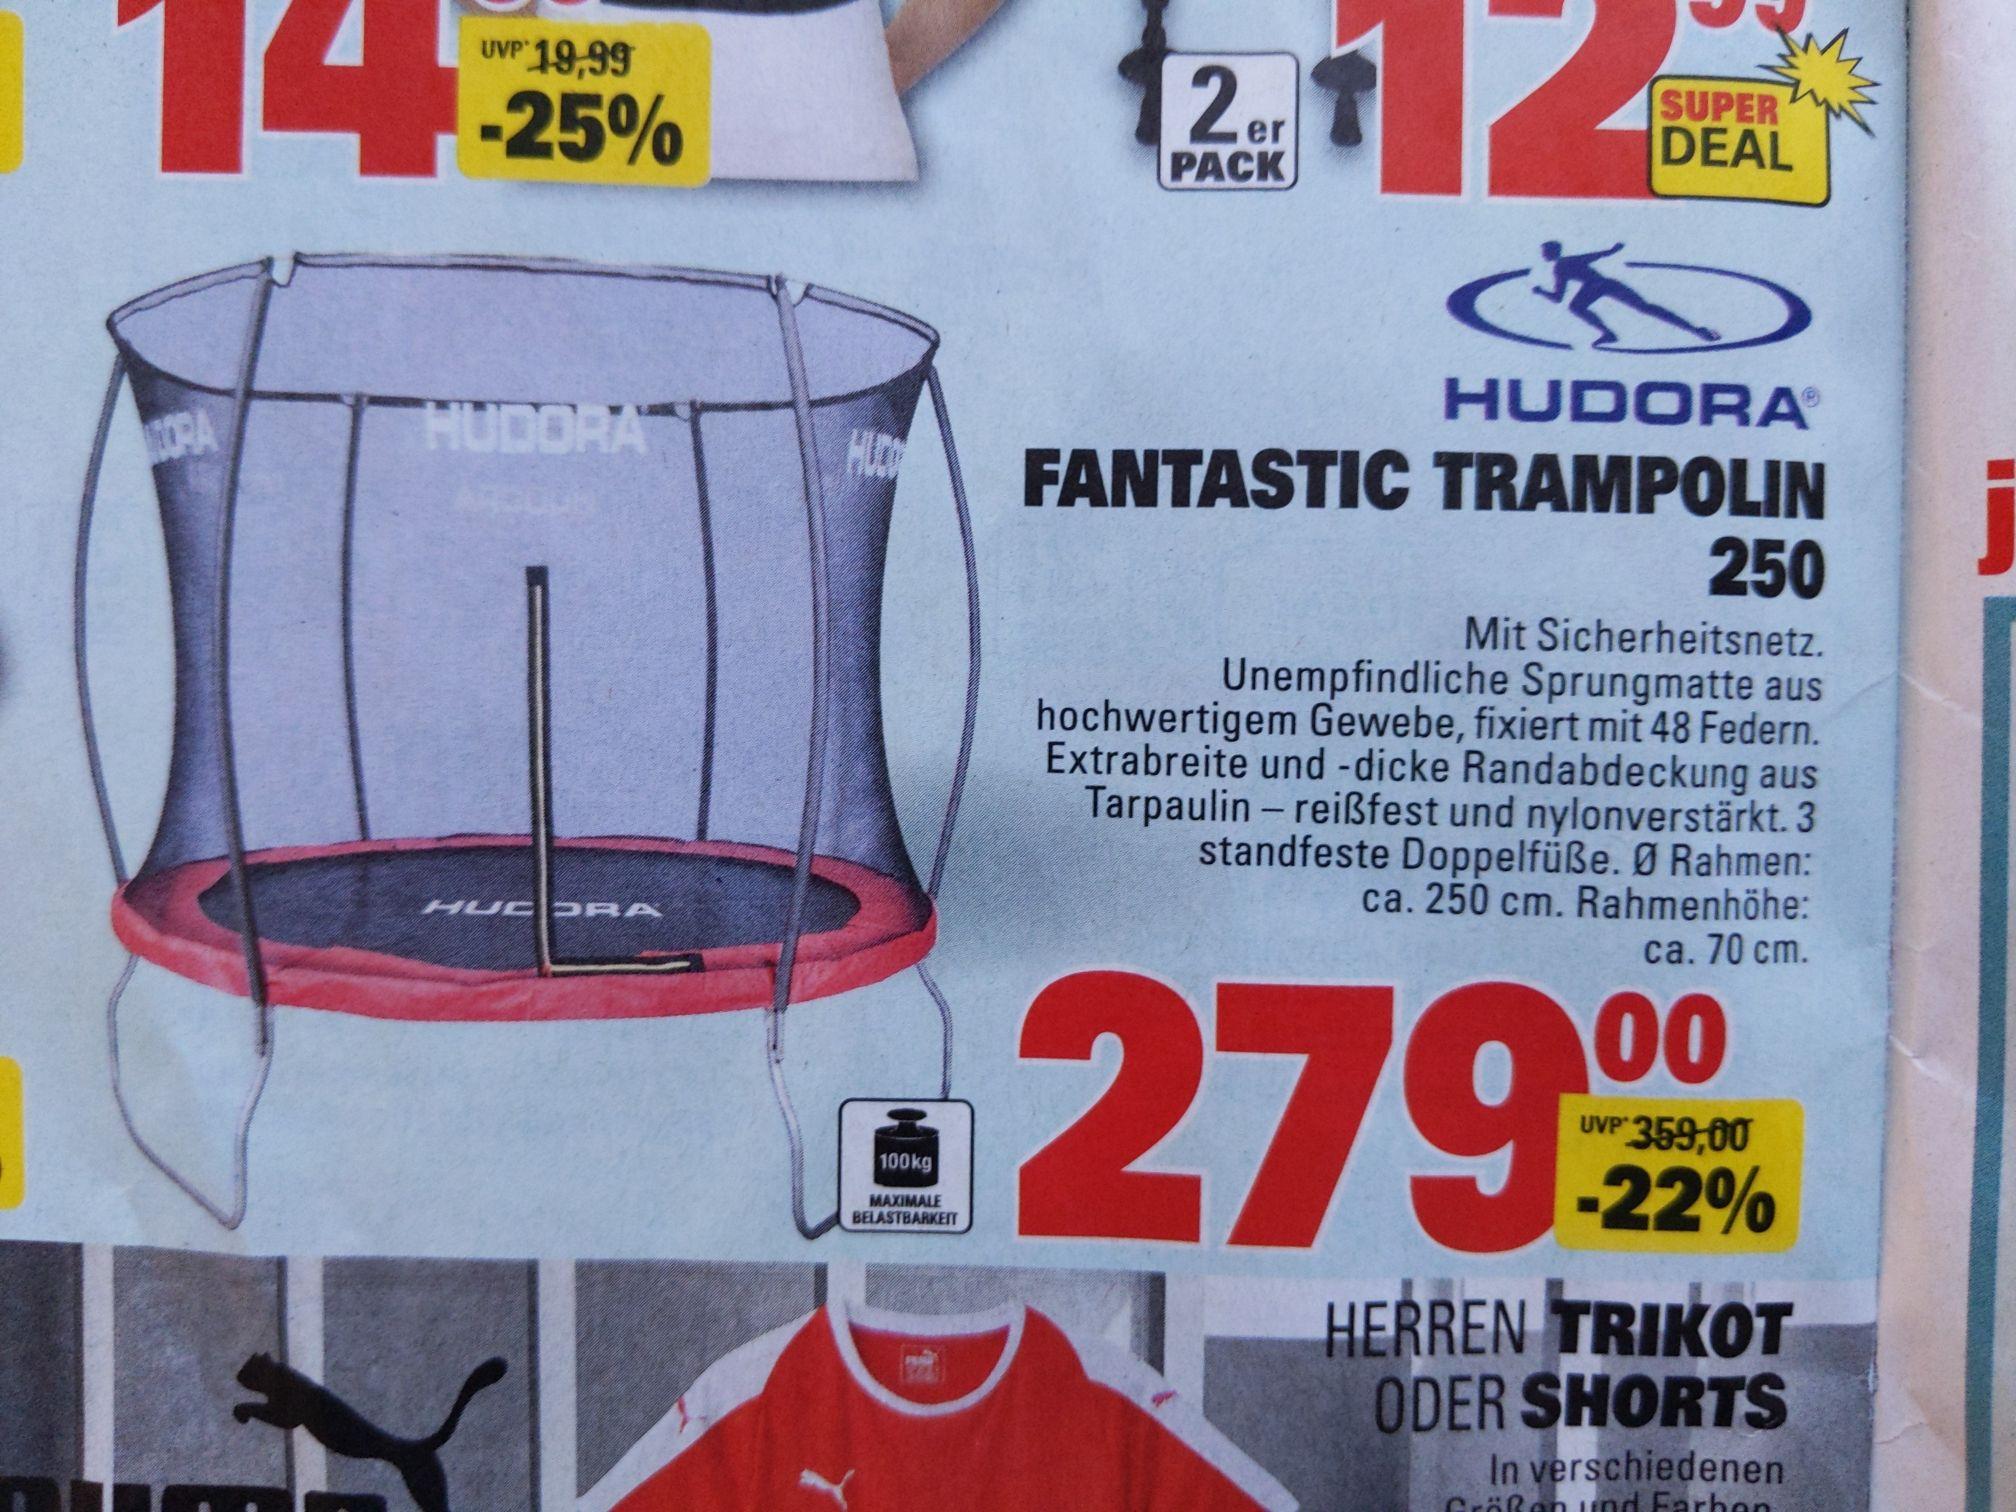 Marktkauf: HUDORA Fantastic Trampolin 250